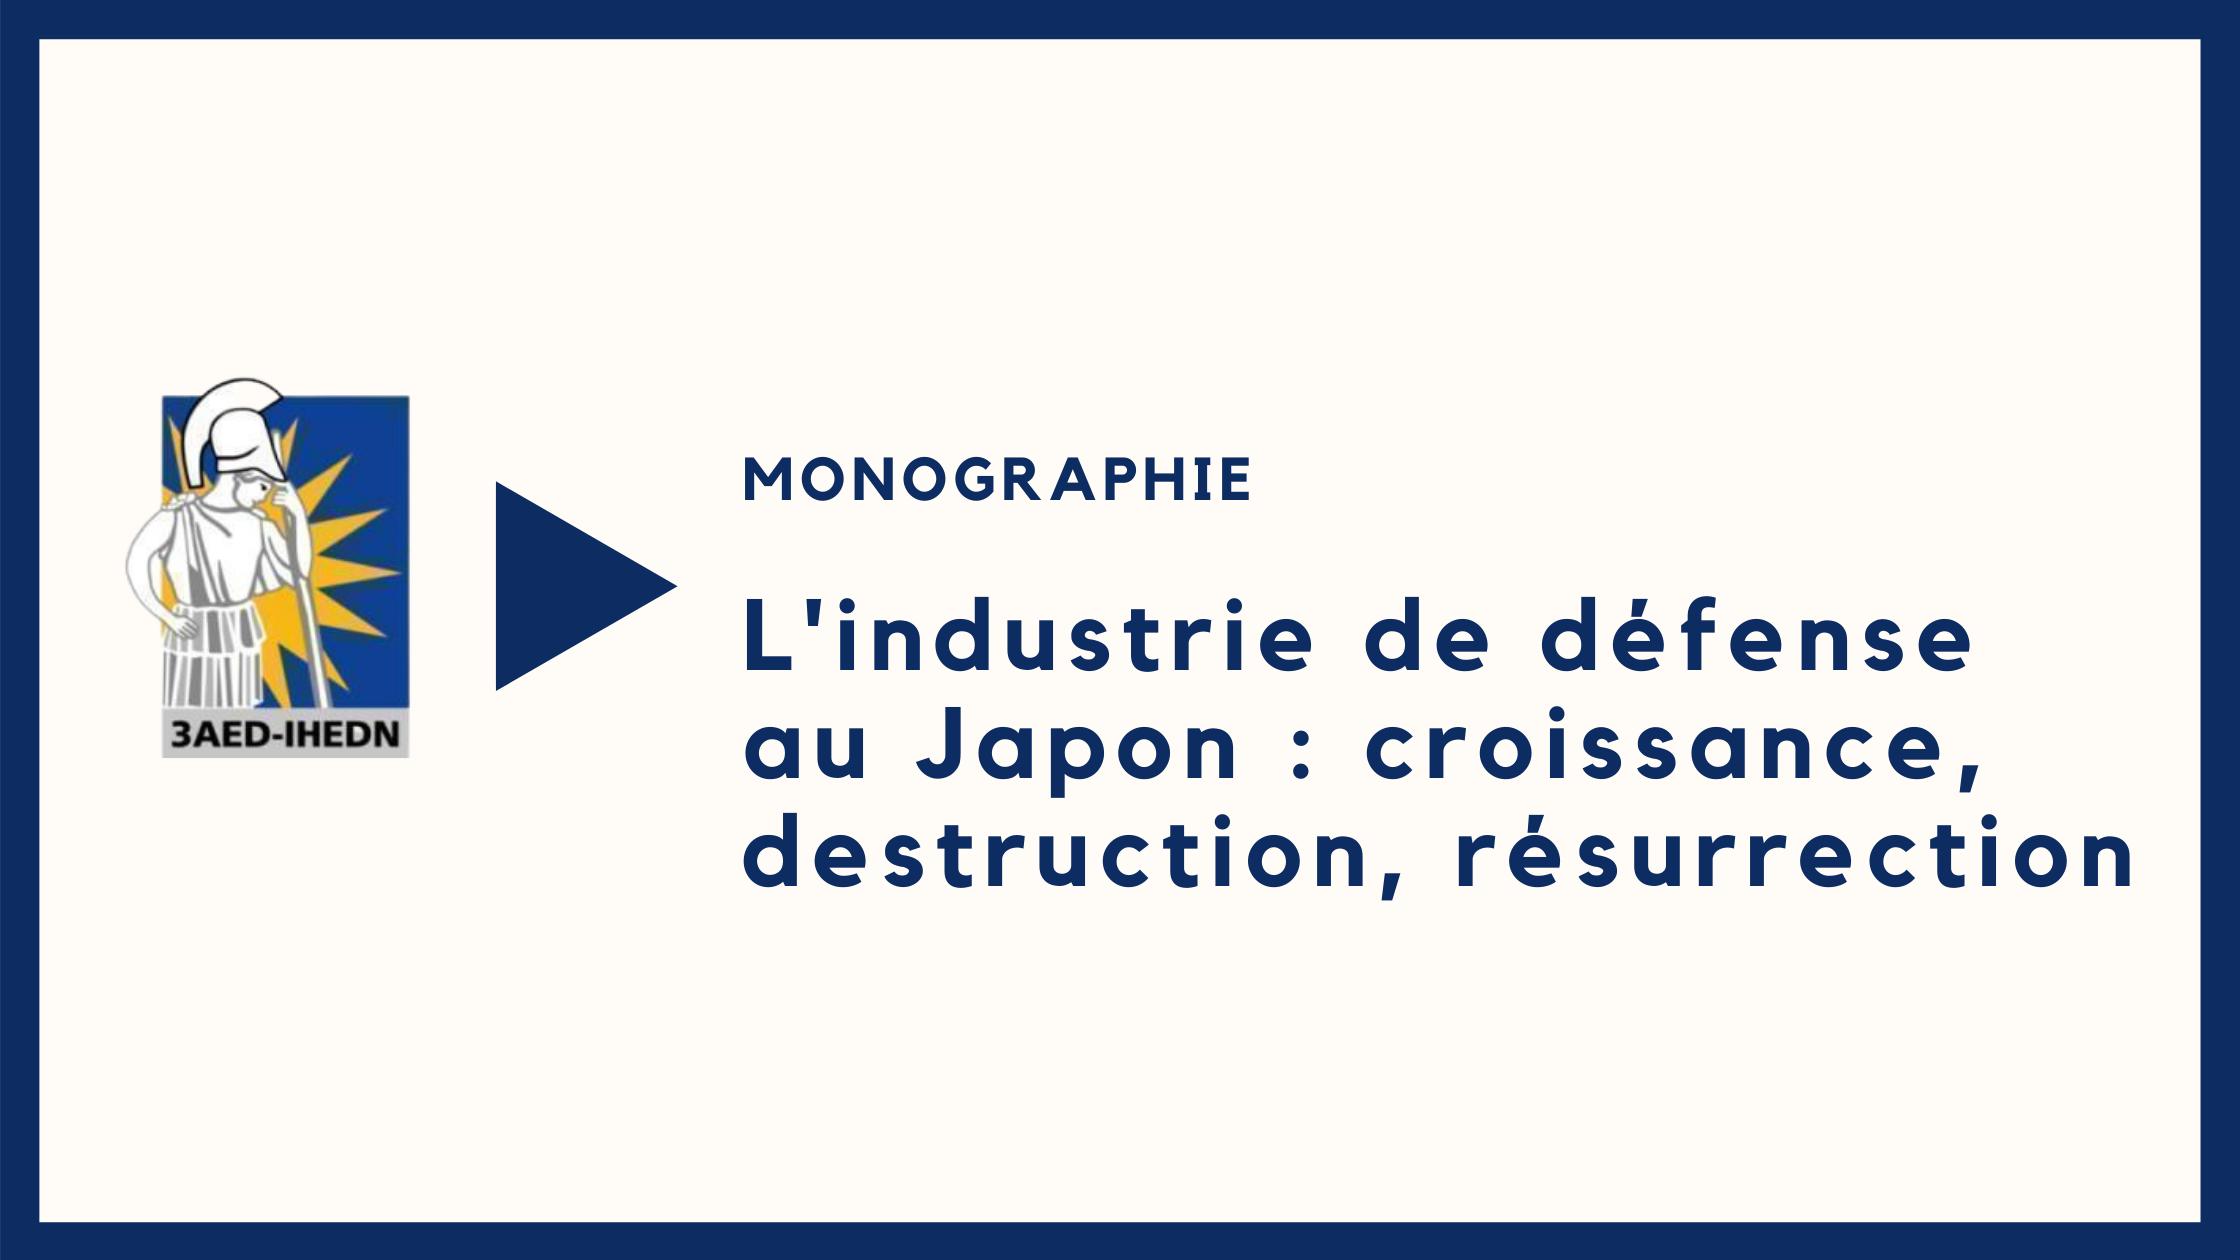 Monographie |L'industrie de défense au Japon : croissance, destruction, résurrection